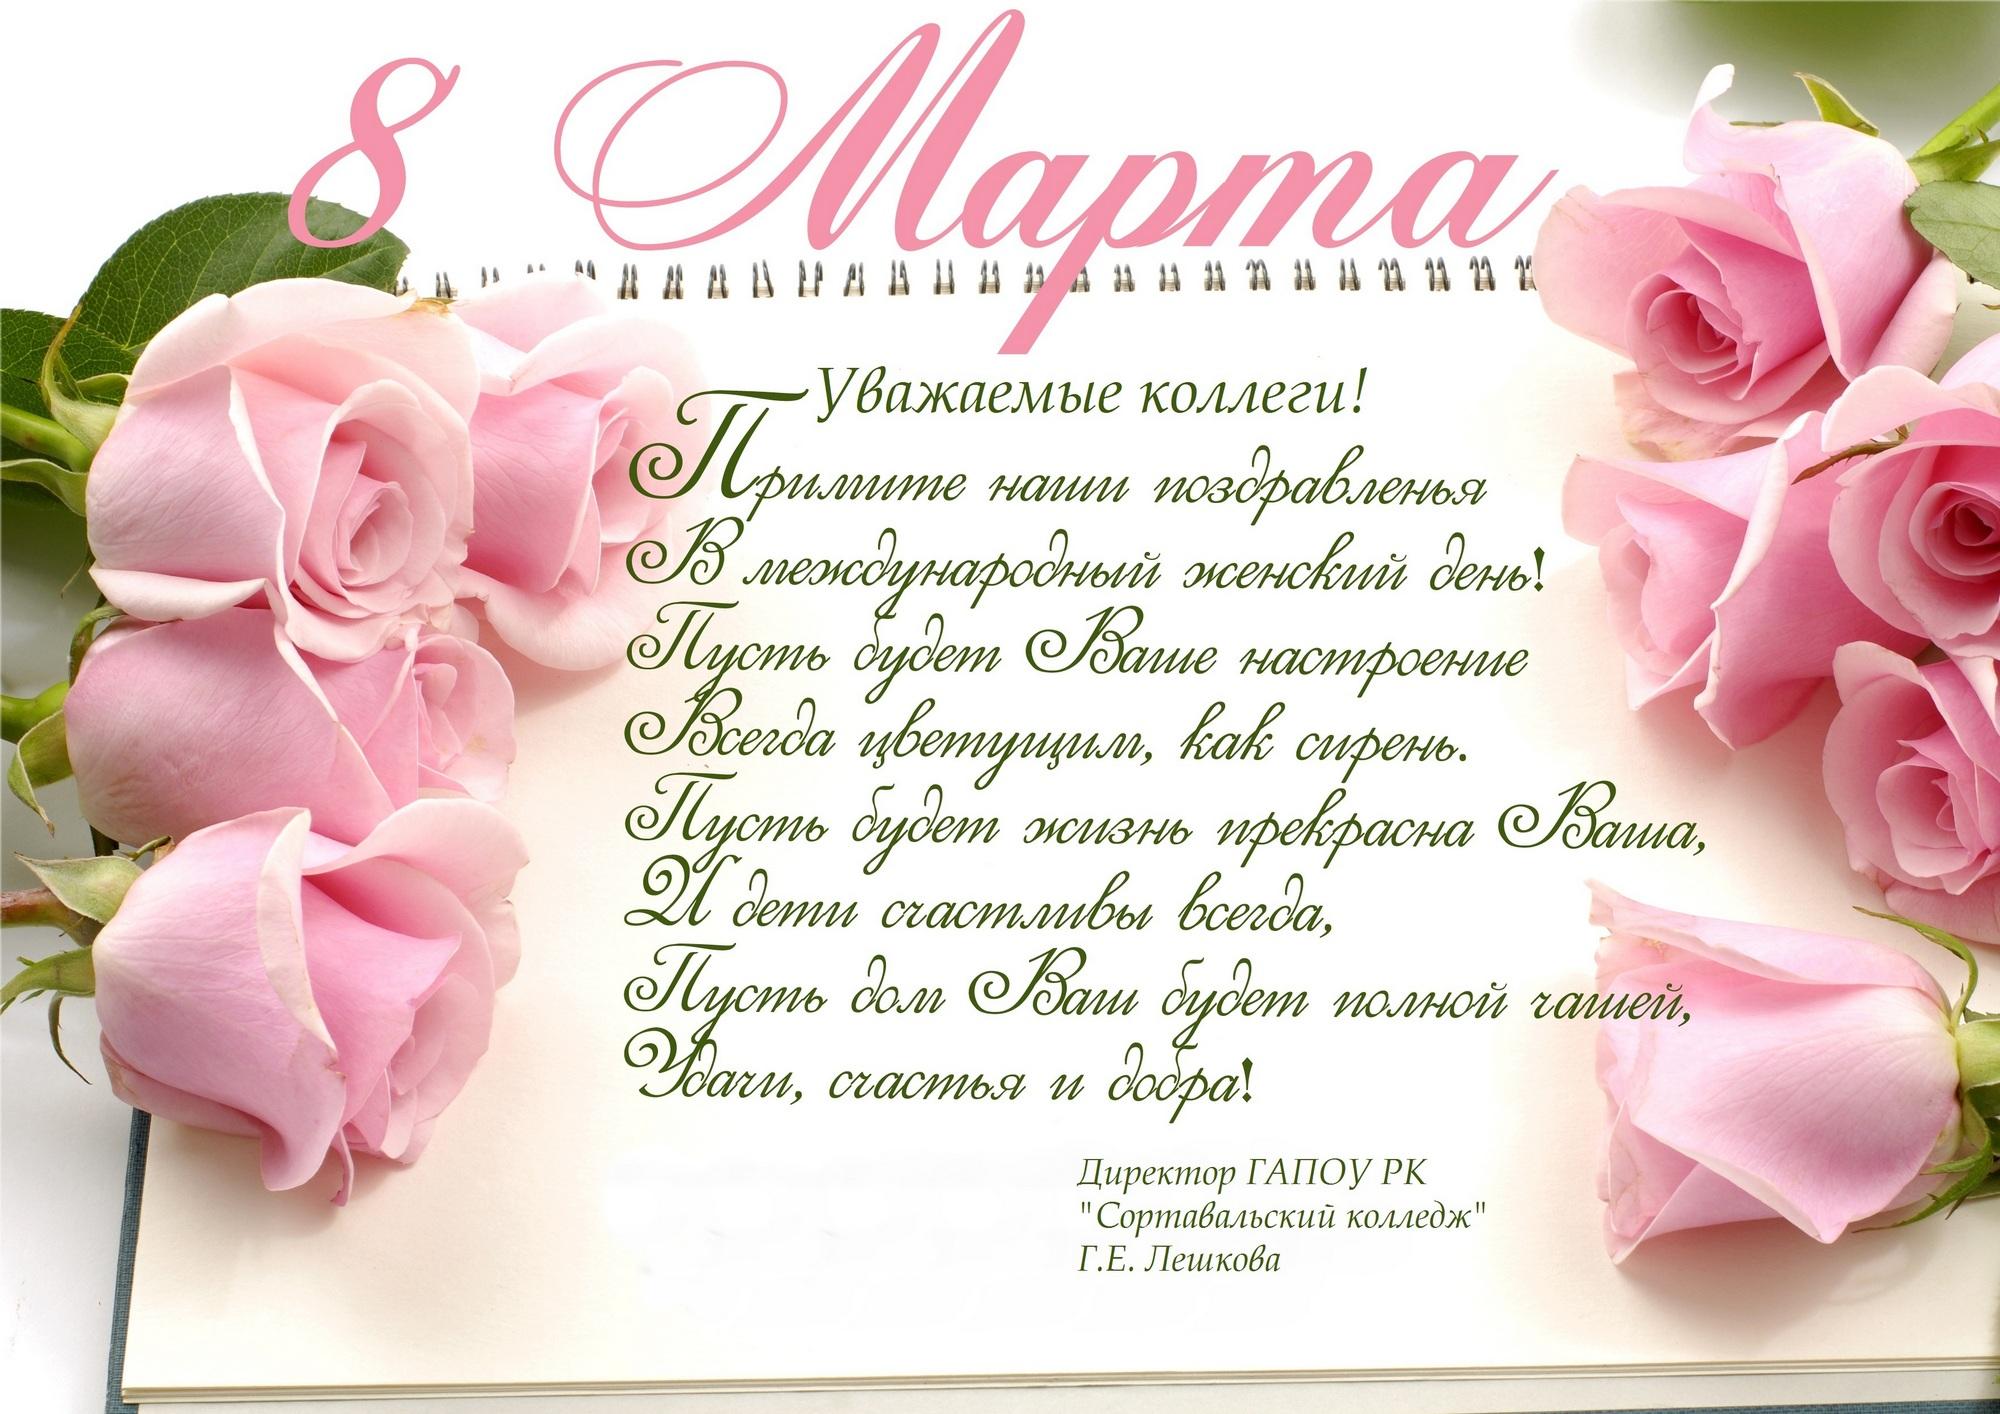 Поздравление с праздником для женщины